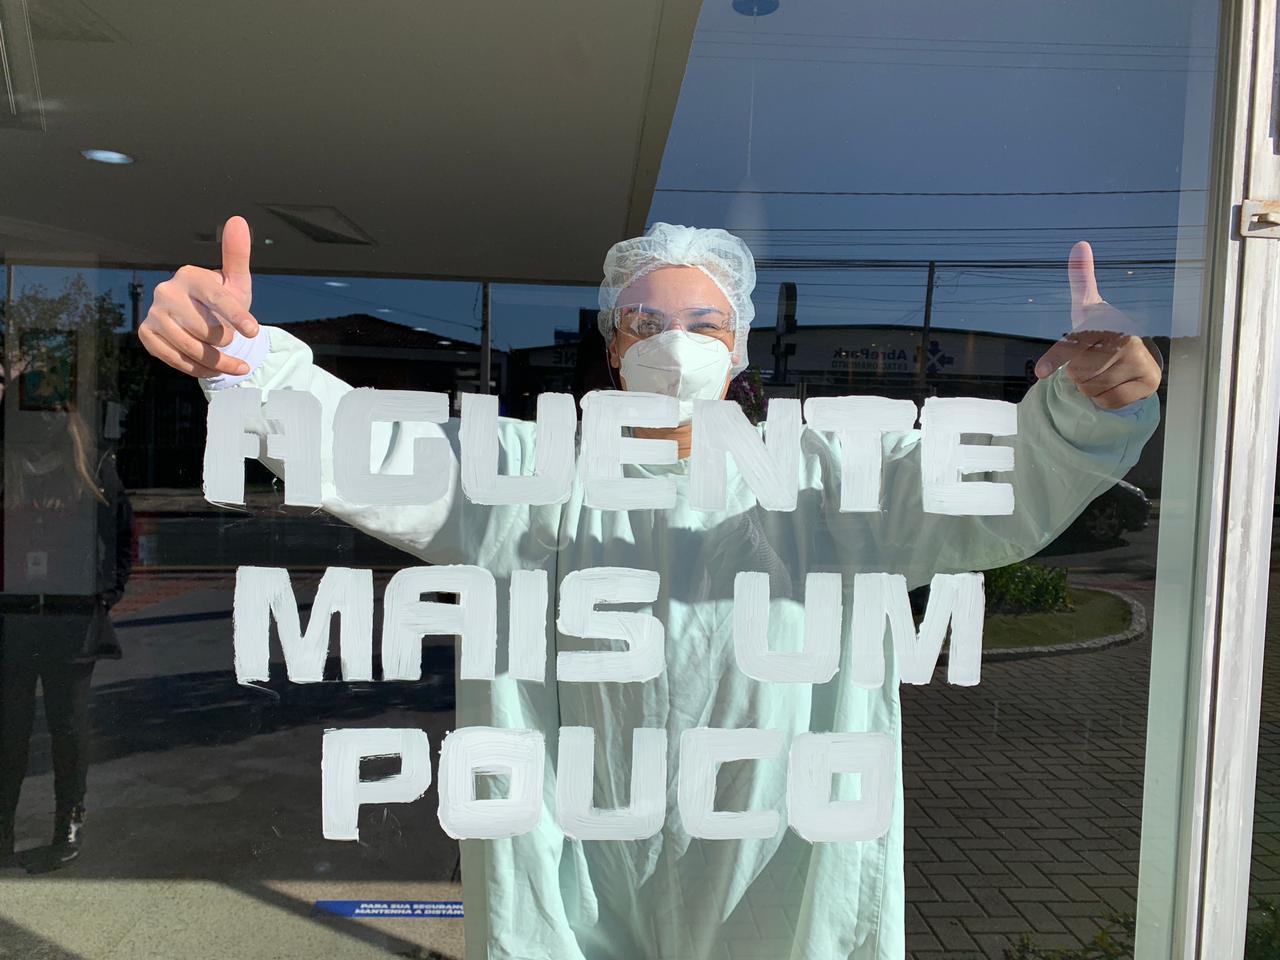 Dia do Hospital: HNSG envia mensagens pelas janelas - Hospital Nossa Senhora da Graça